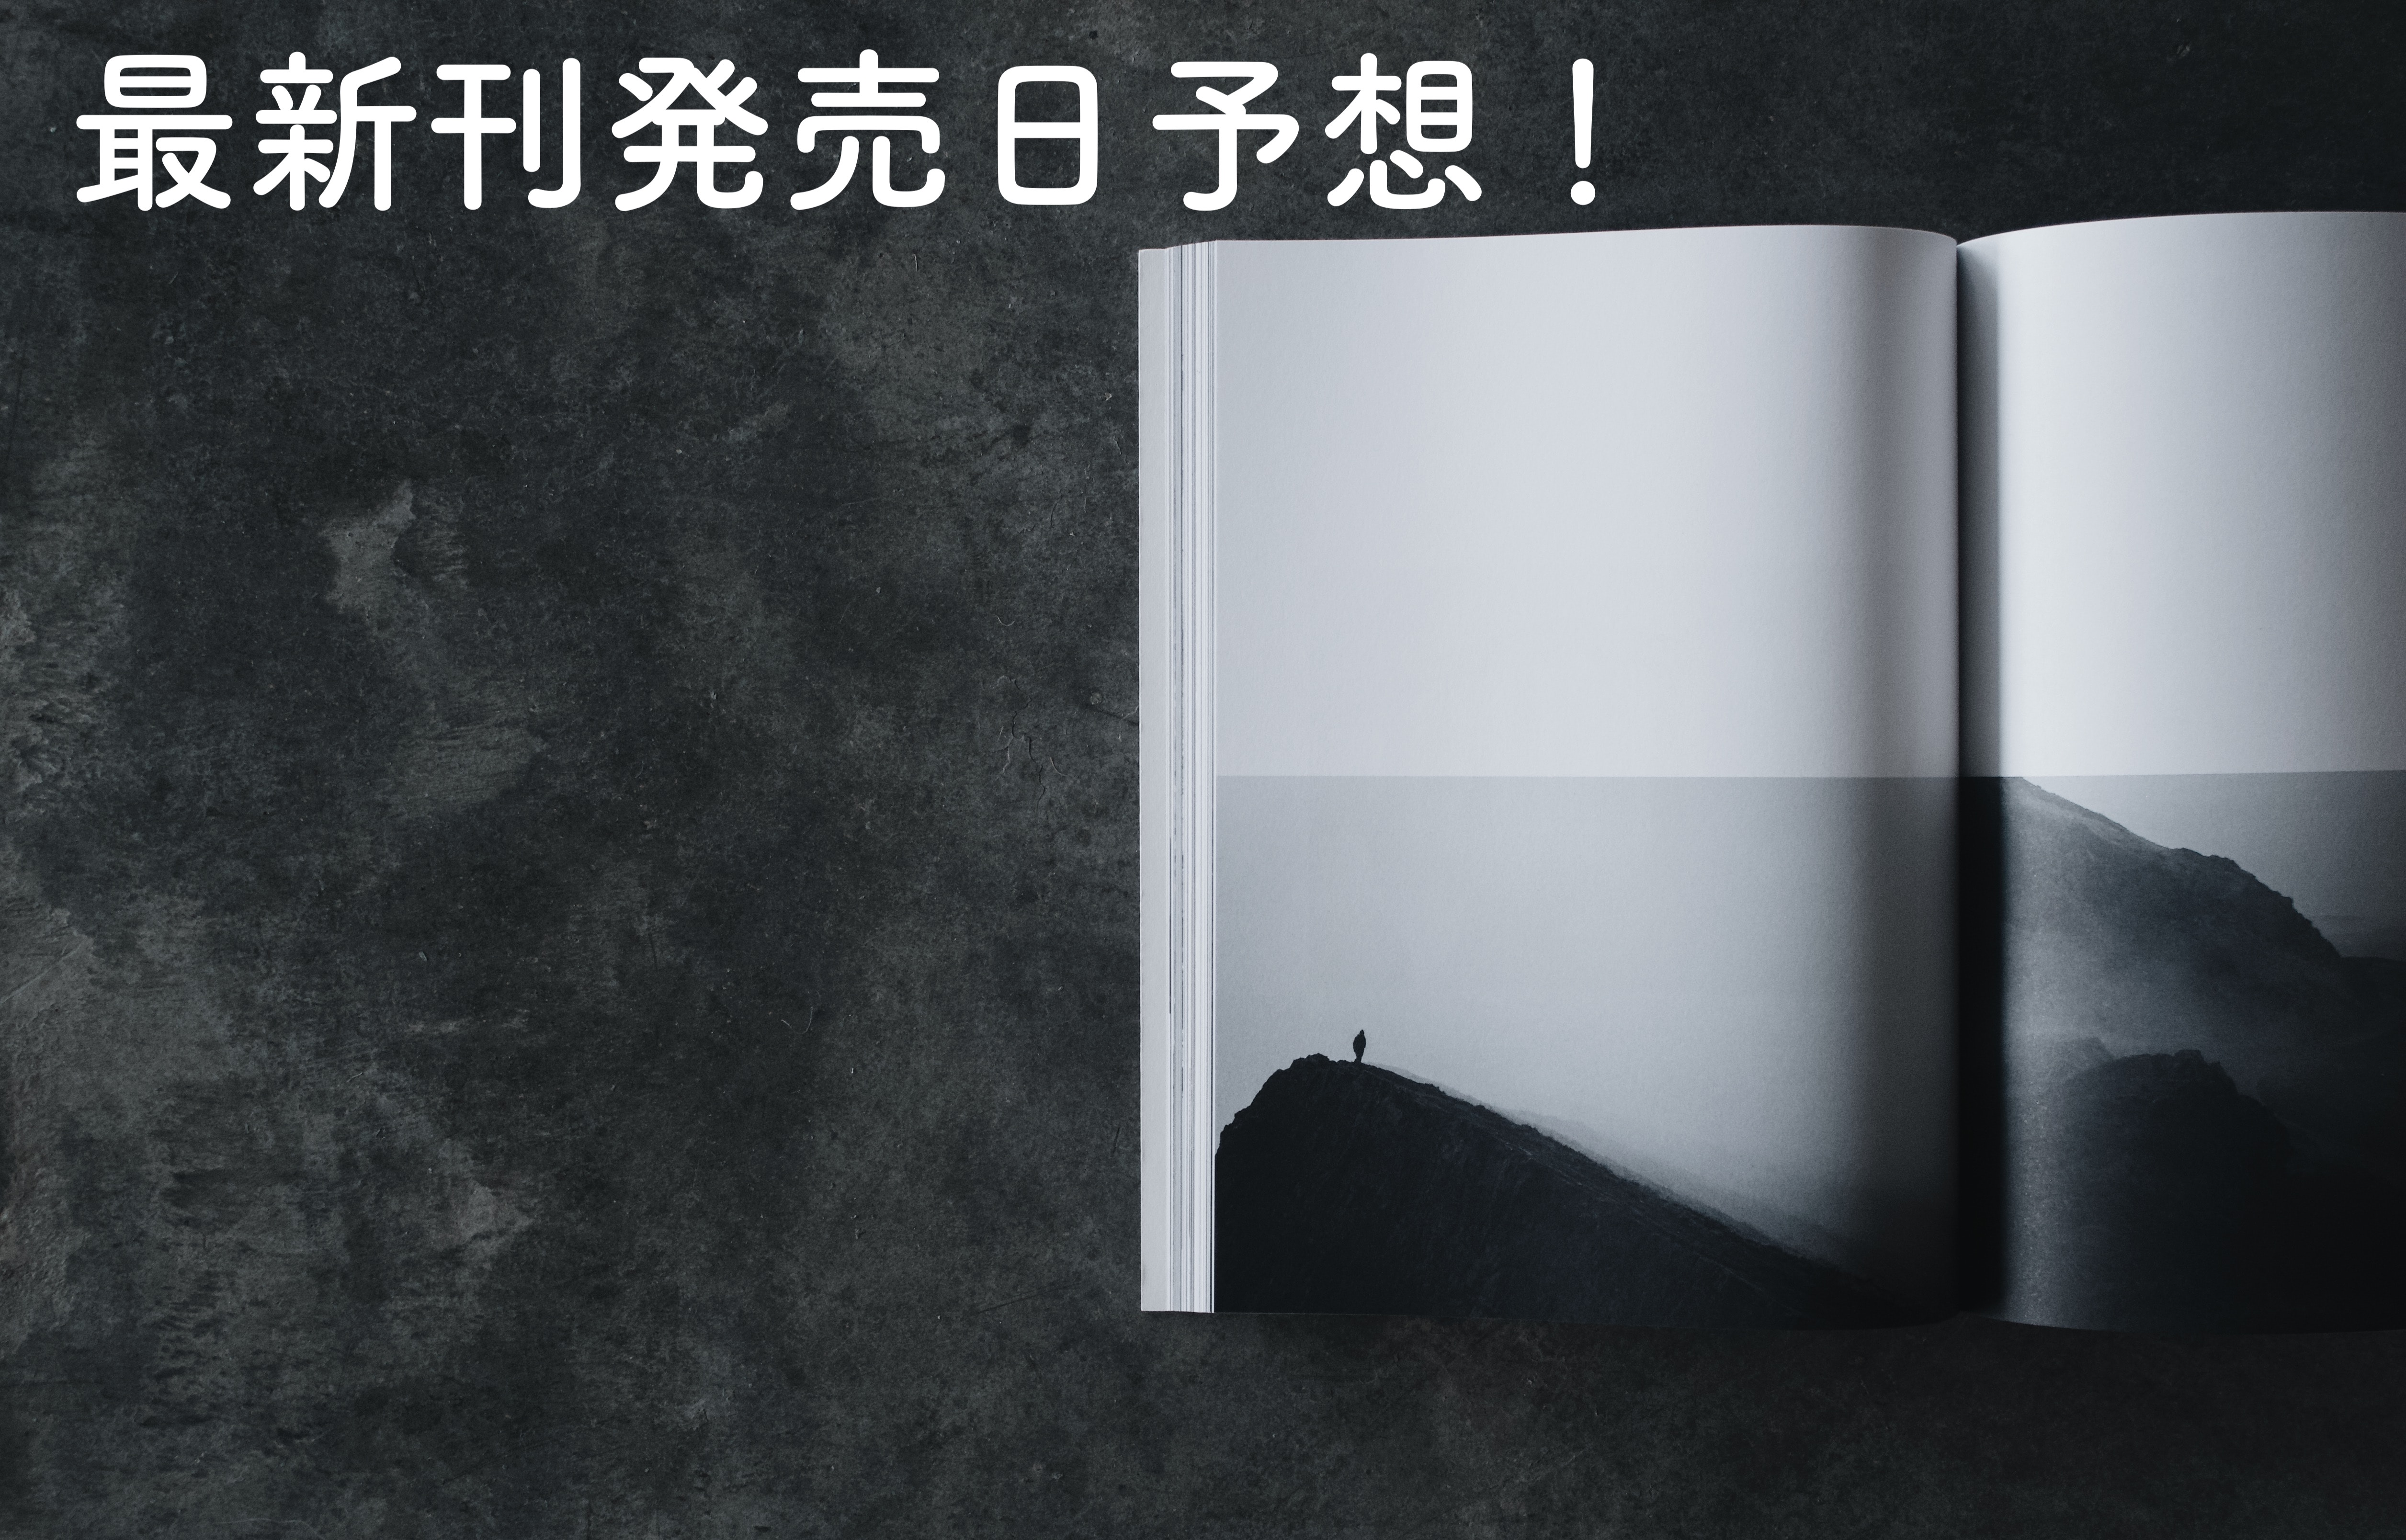 【ヴィジランテ】最新刊11巻の発売日予想!安くお得に読む方法も